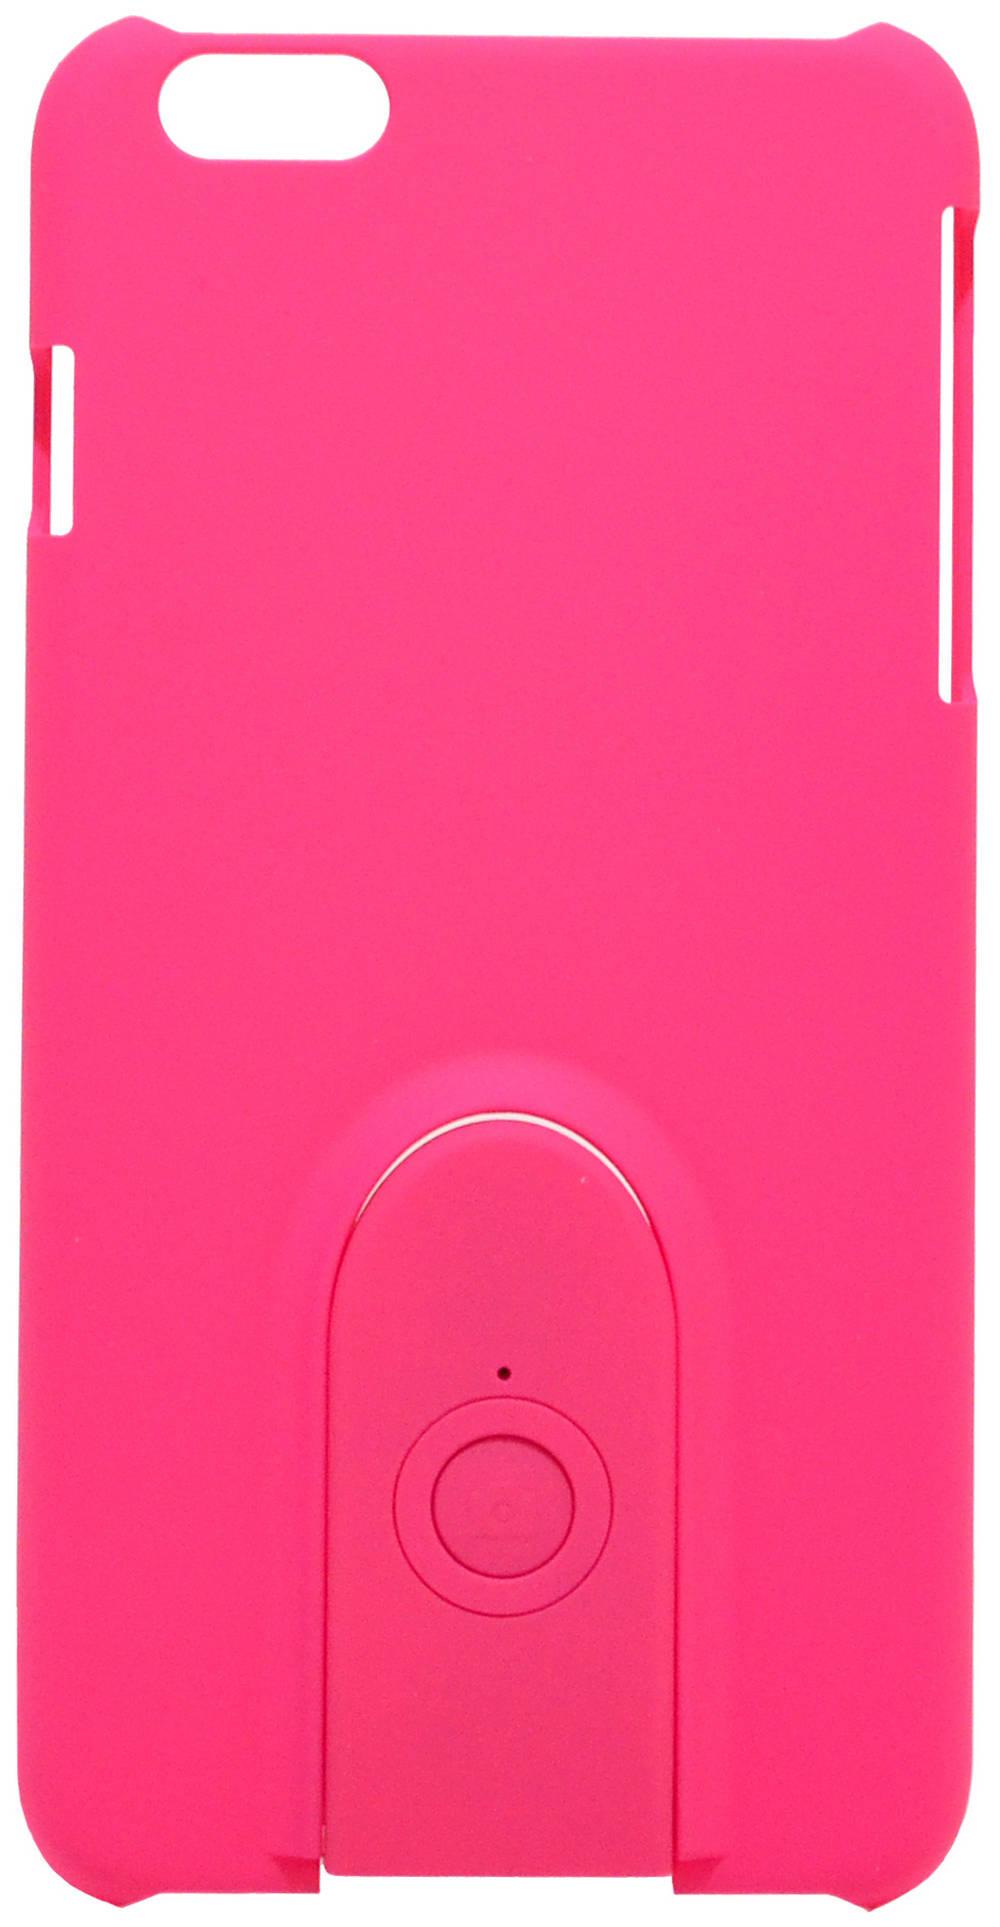 Θήκη Faceplate Monopod Wireless Selfie για Apple iPhone 6/6S Velvet Feel Ρόζ με Αποσπώμενο Χειριστήριο Bluetooth